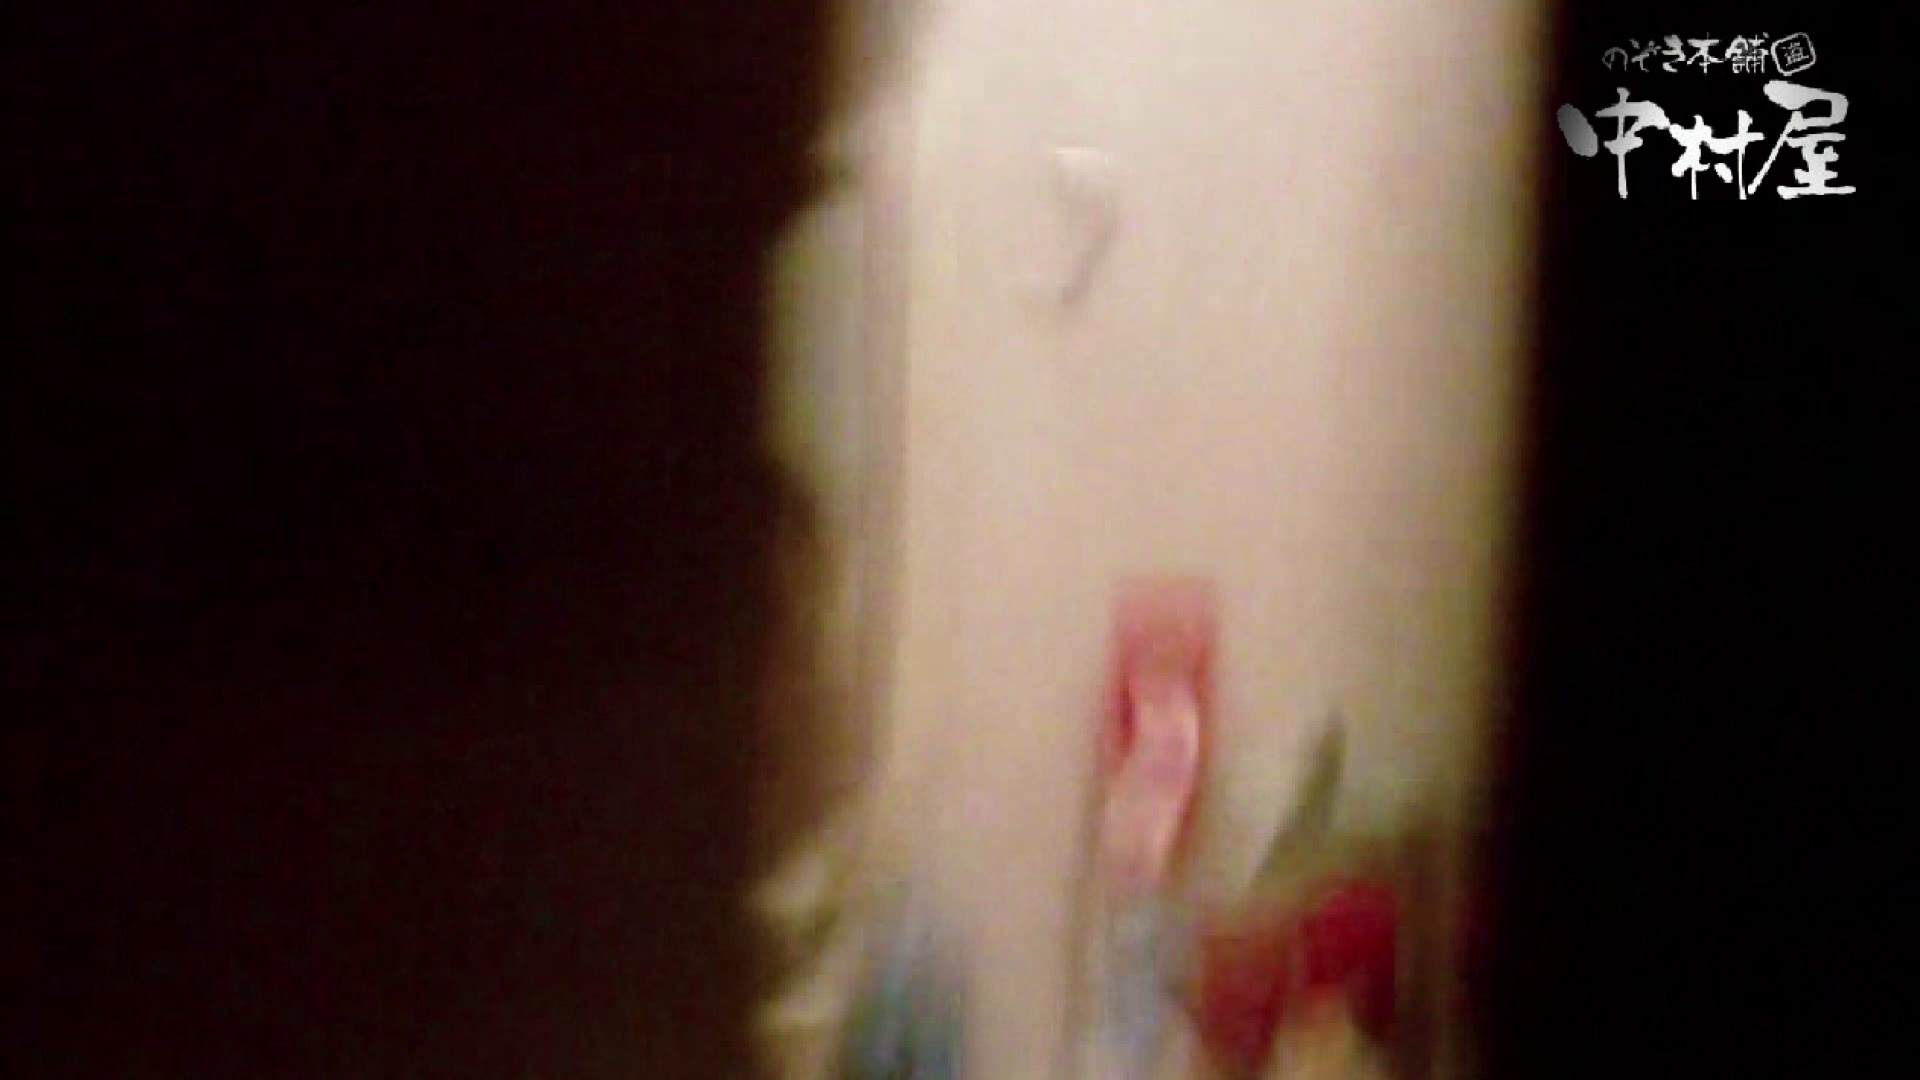 雅さんの独断と偏見で集めた動画集 民家Vol.1 超エロギャル 濡れ場動画紹介 108枚 59